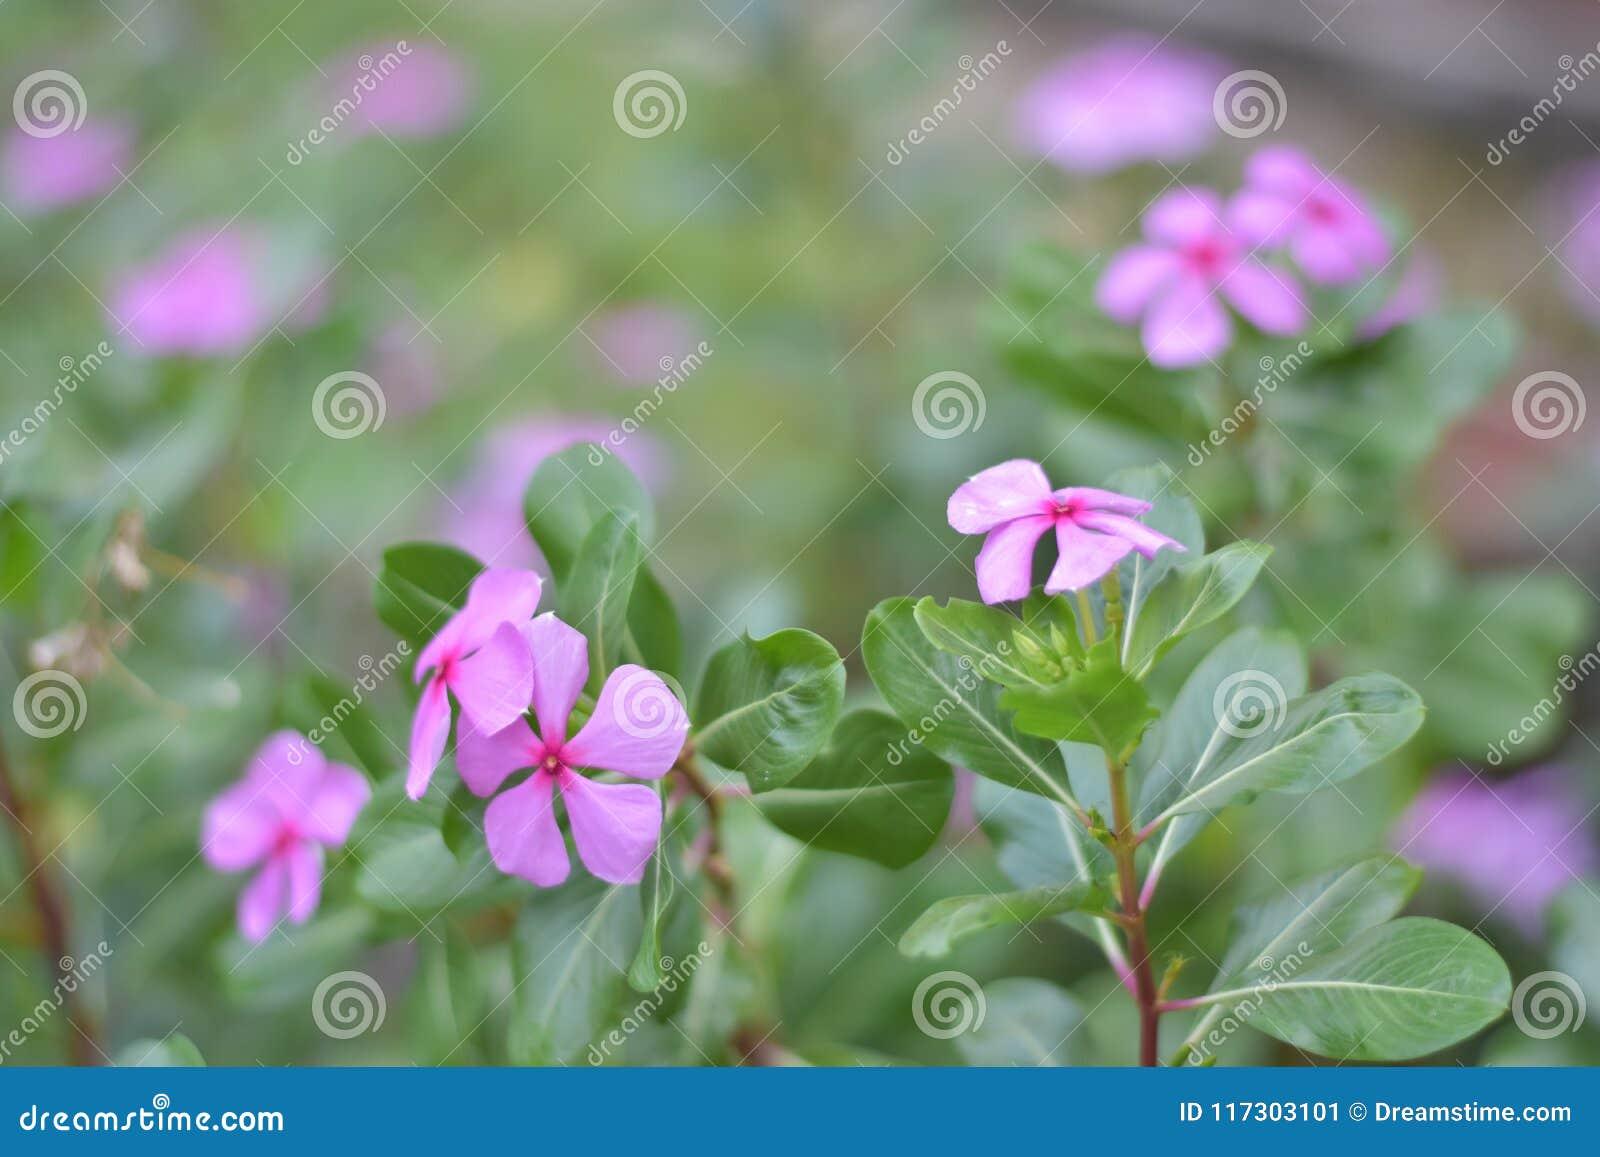 Futuro rosado de la flor